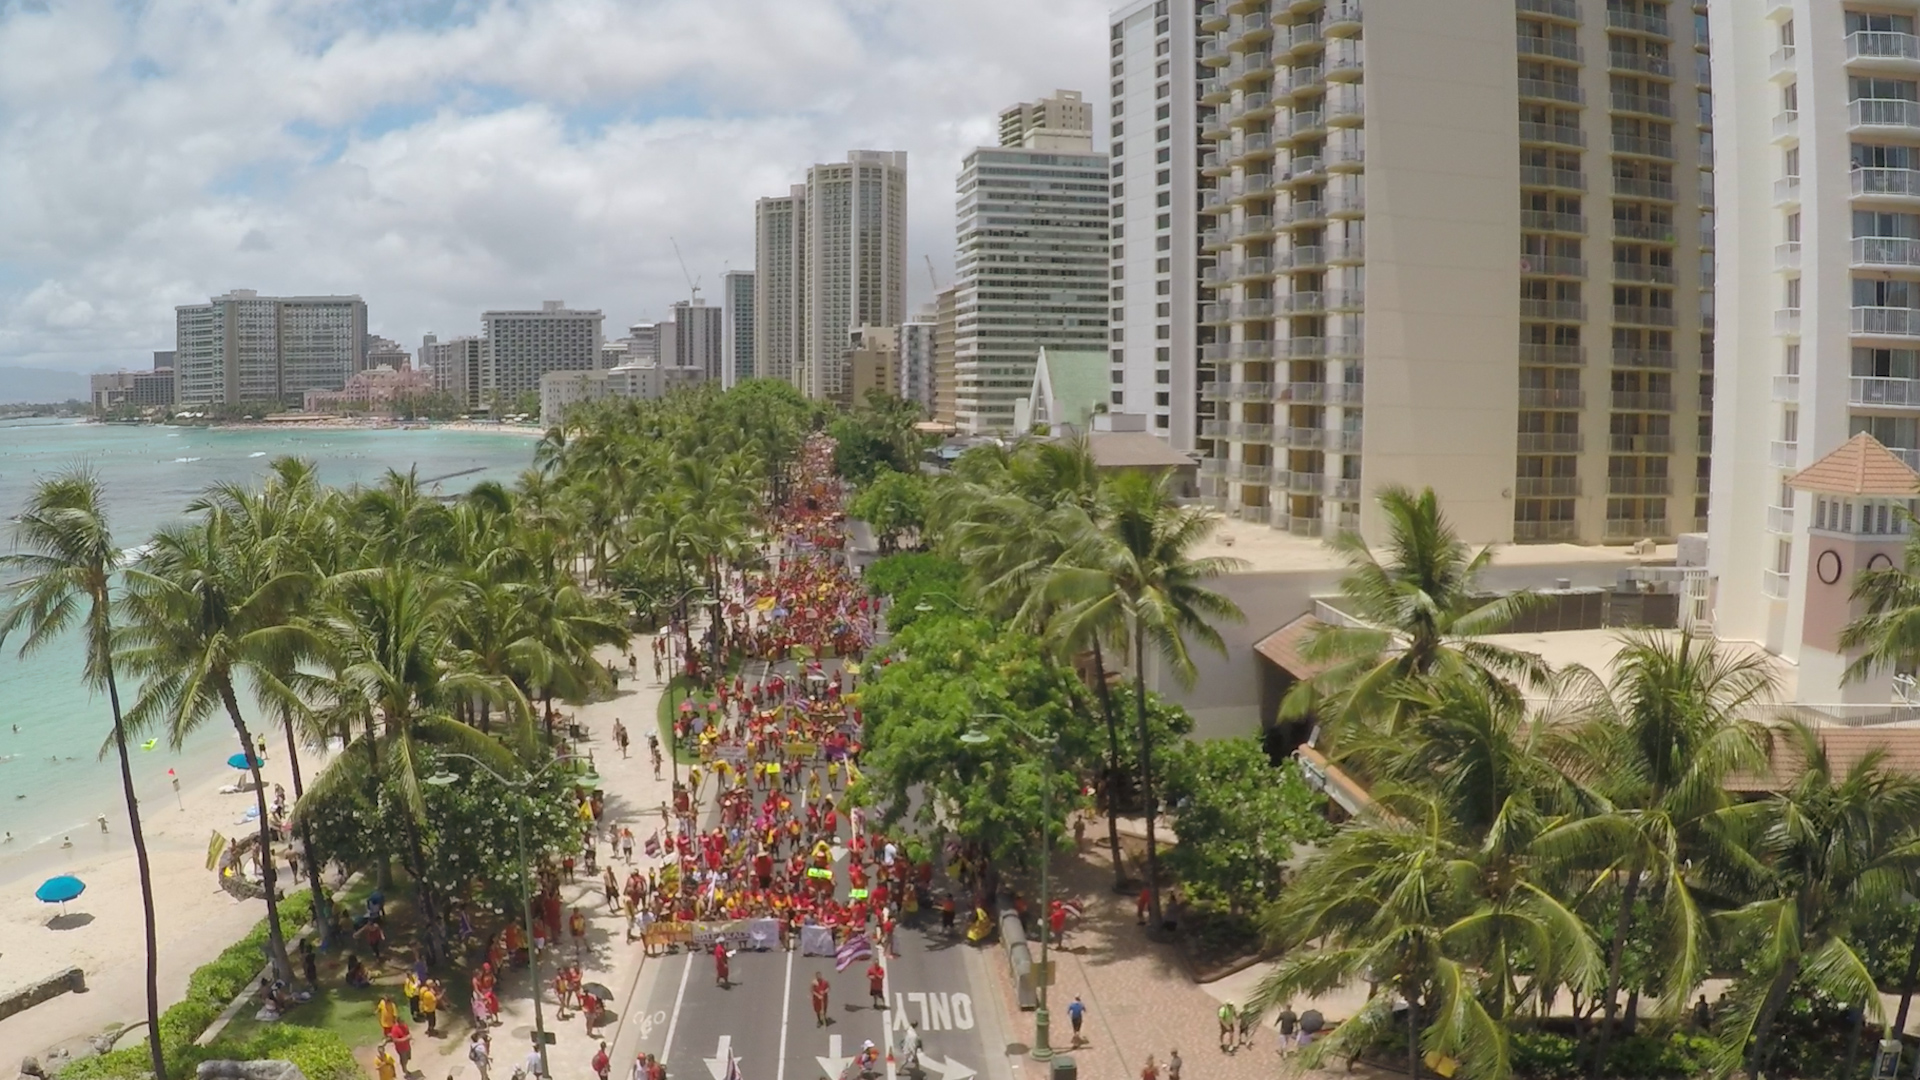 20150810_Aloha Aina Unity March_STORY.00_06_46_26.Still001